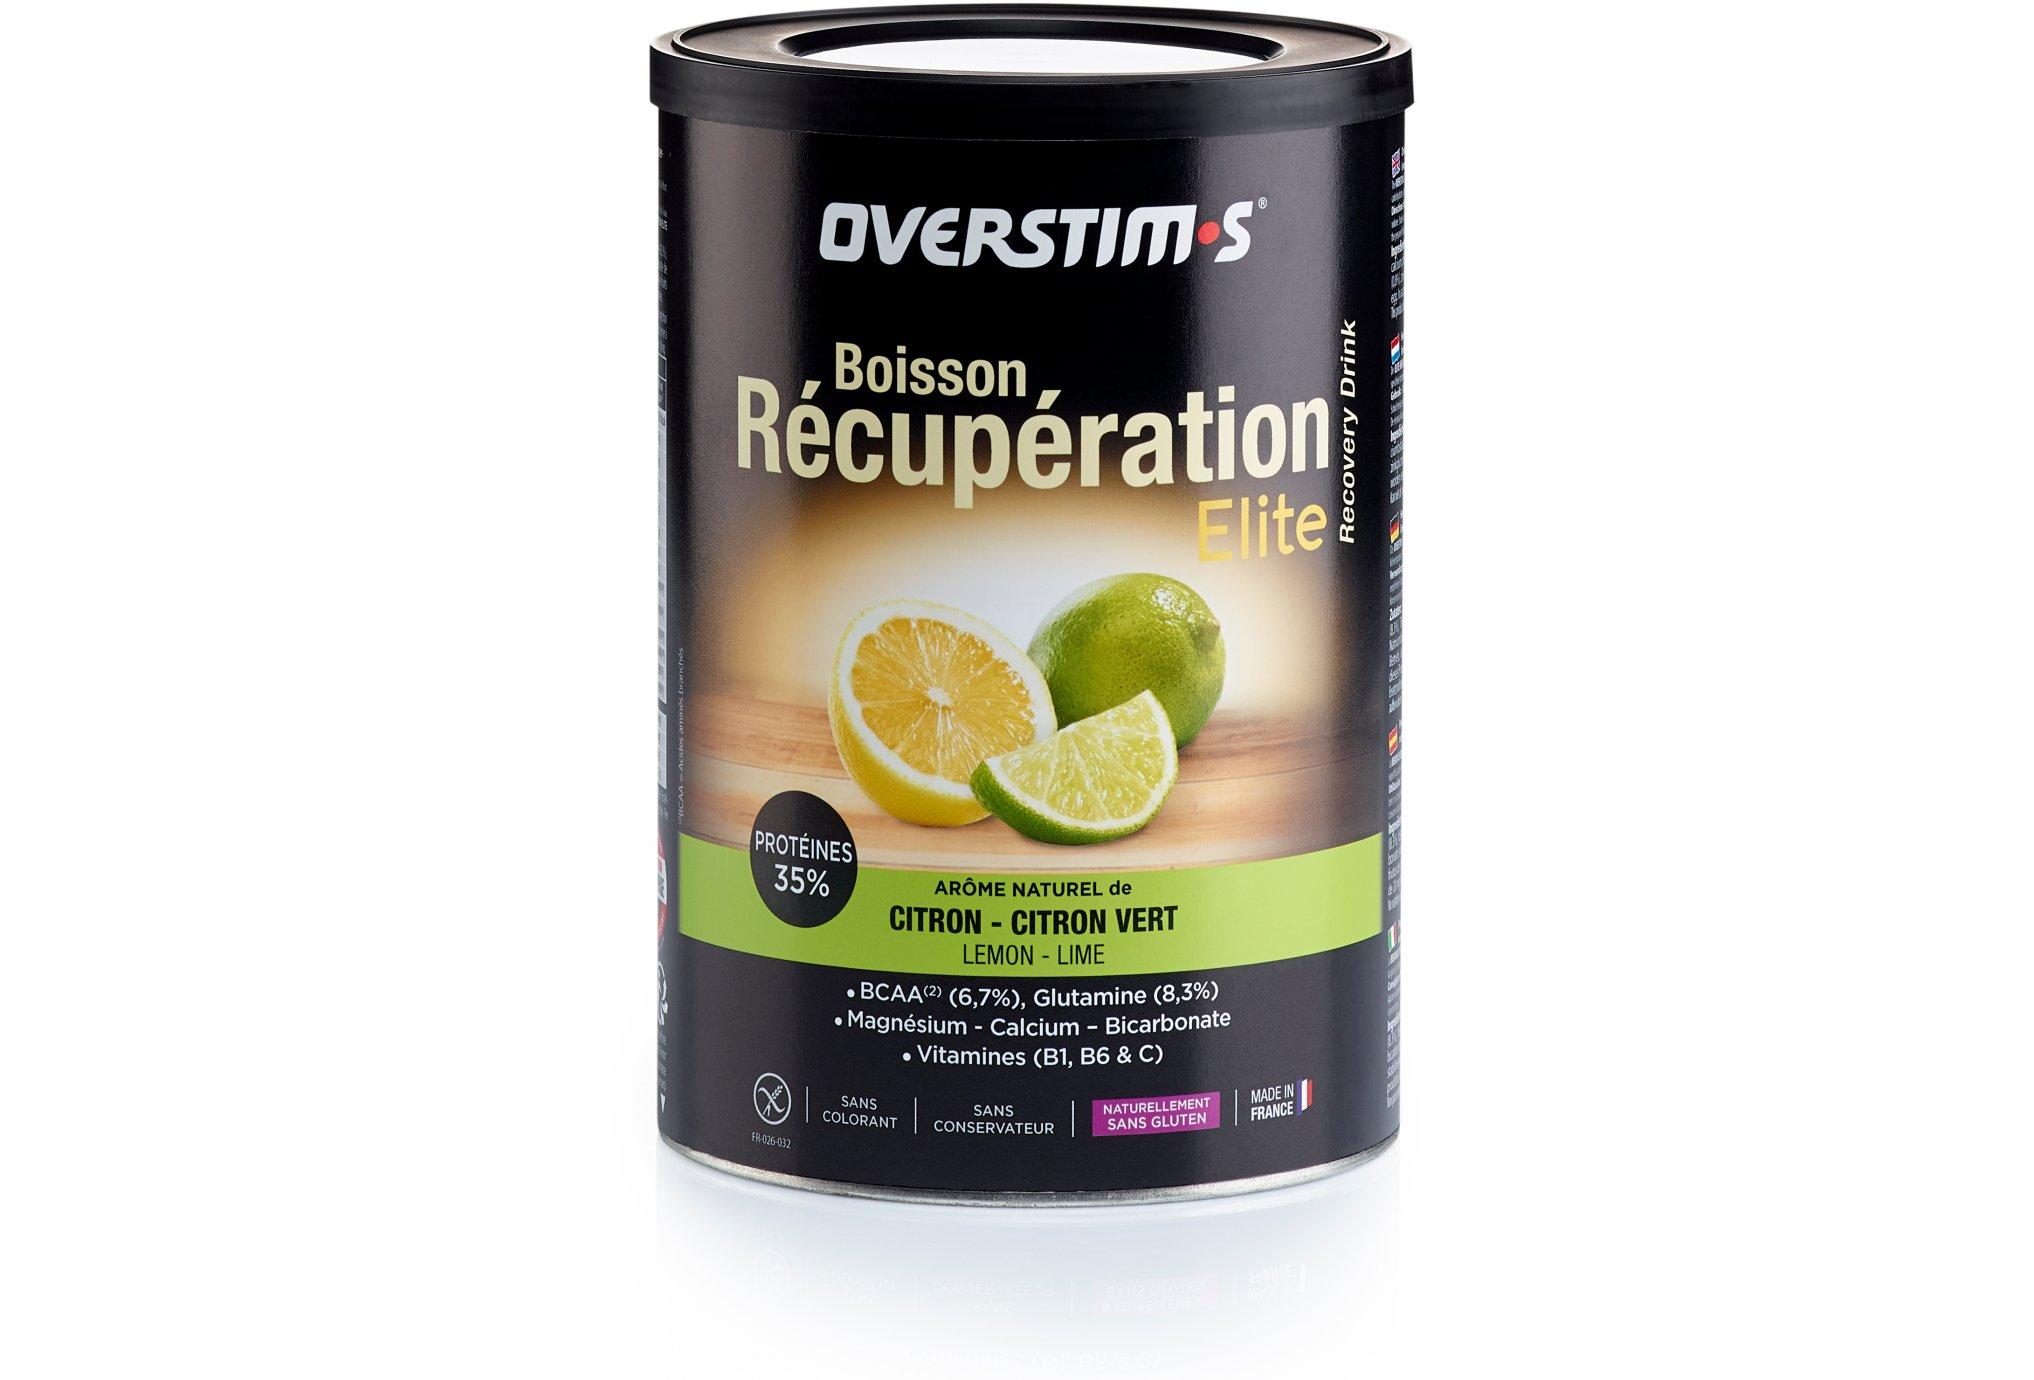 OVERSTIMS Boisson Récupération Élite 420g - Citron/citron vert Diététique Protéines / récupération